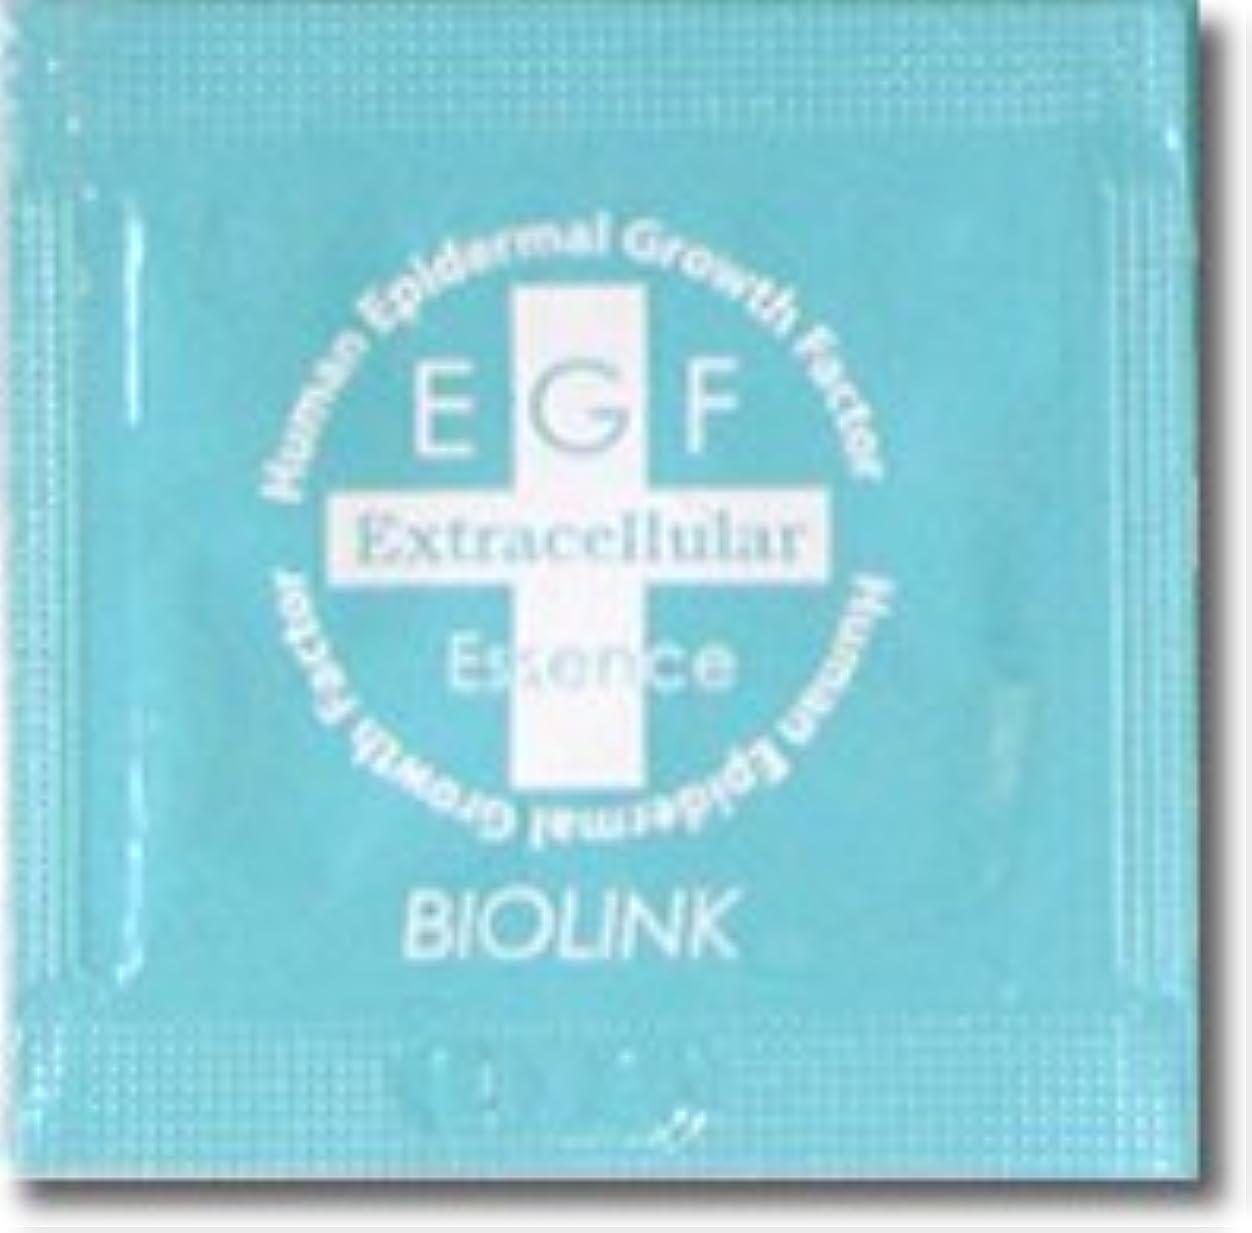 乱れパイプライン医学バイオリンク EGF エクストラエッセンス 分包 100個+10個おまけ付きセット